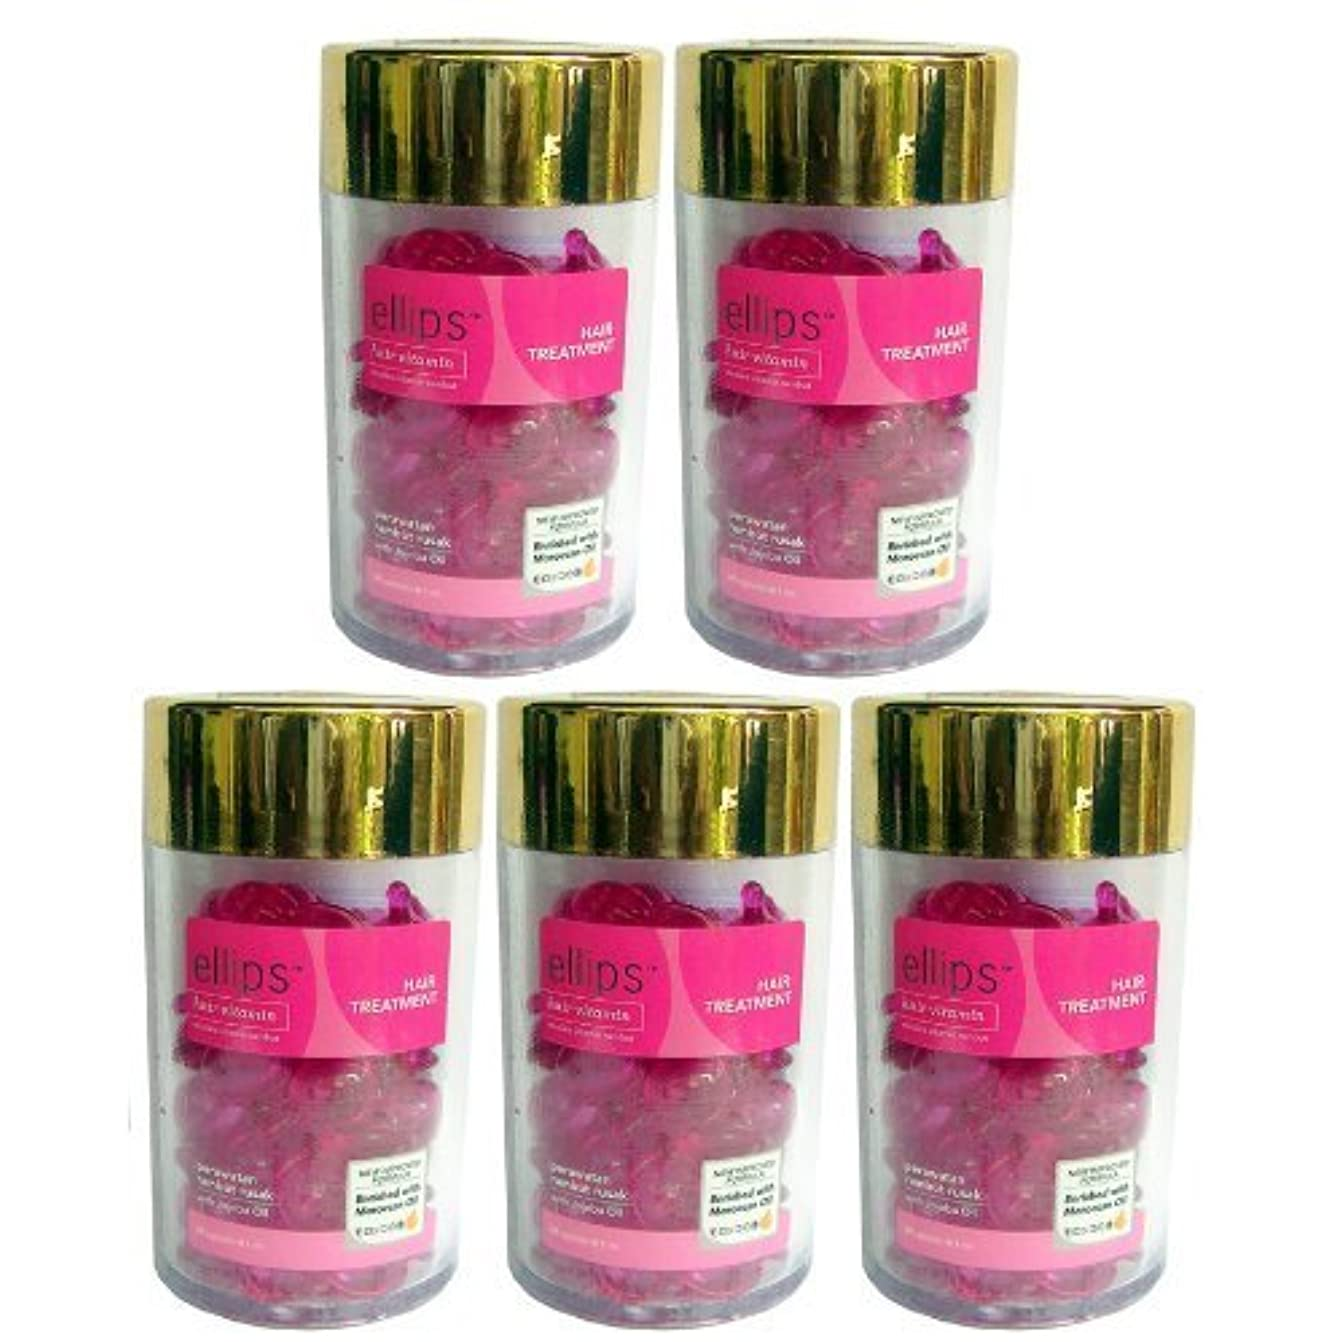 家庭コンデンサーところでエリップス ellips ヘアビタミン洗い流さないヘアトリートメント(並行輸入品) (ピンク5本)